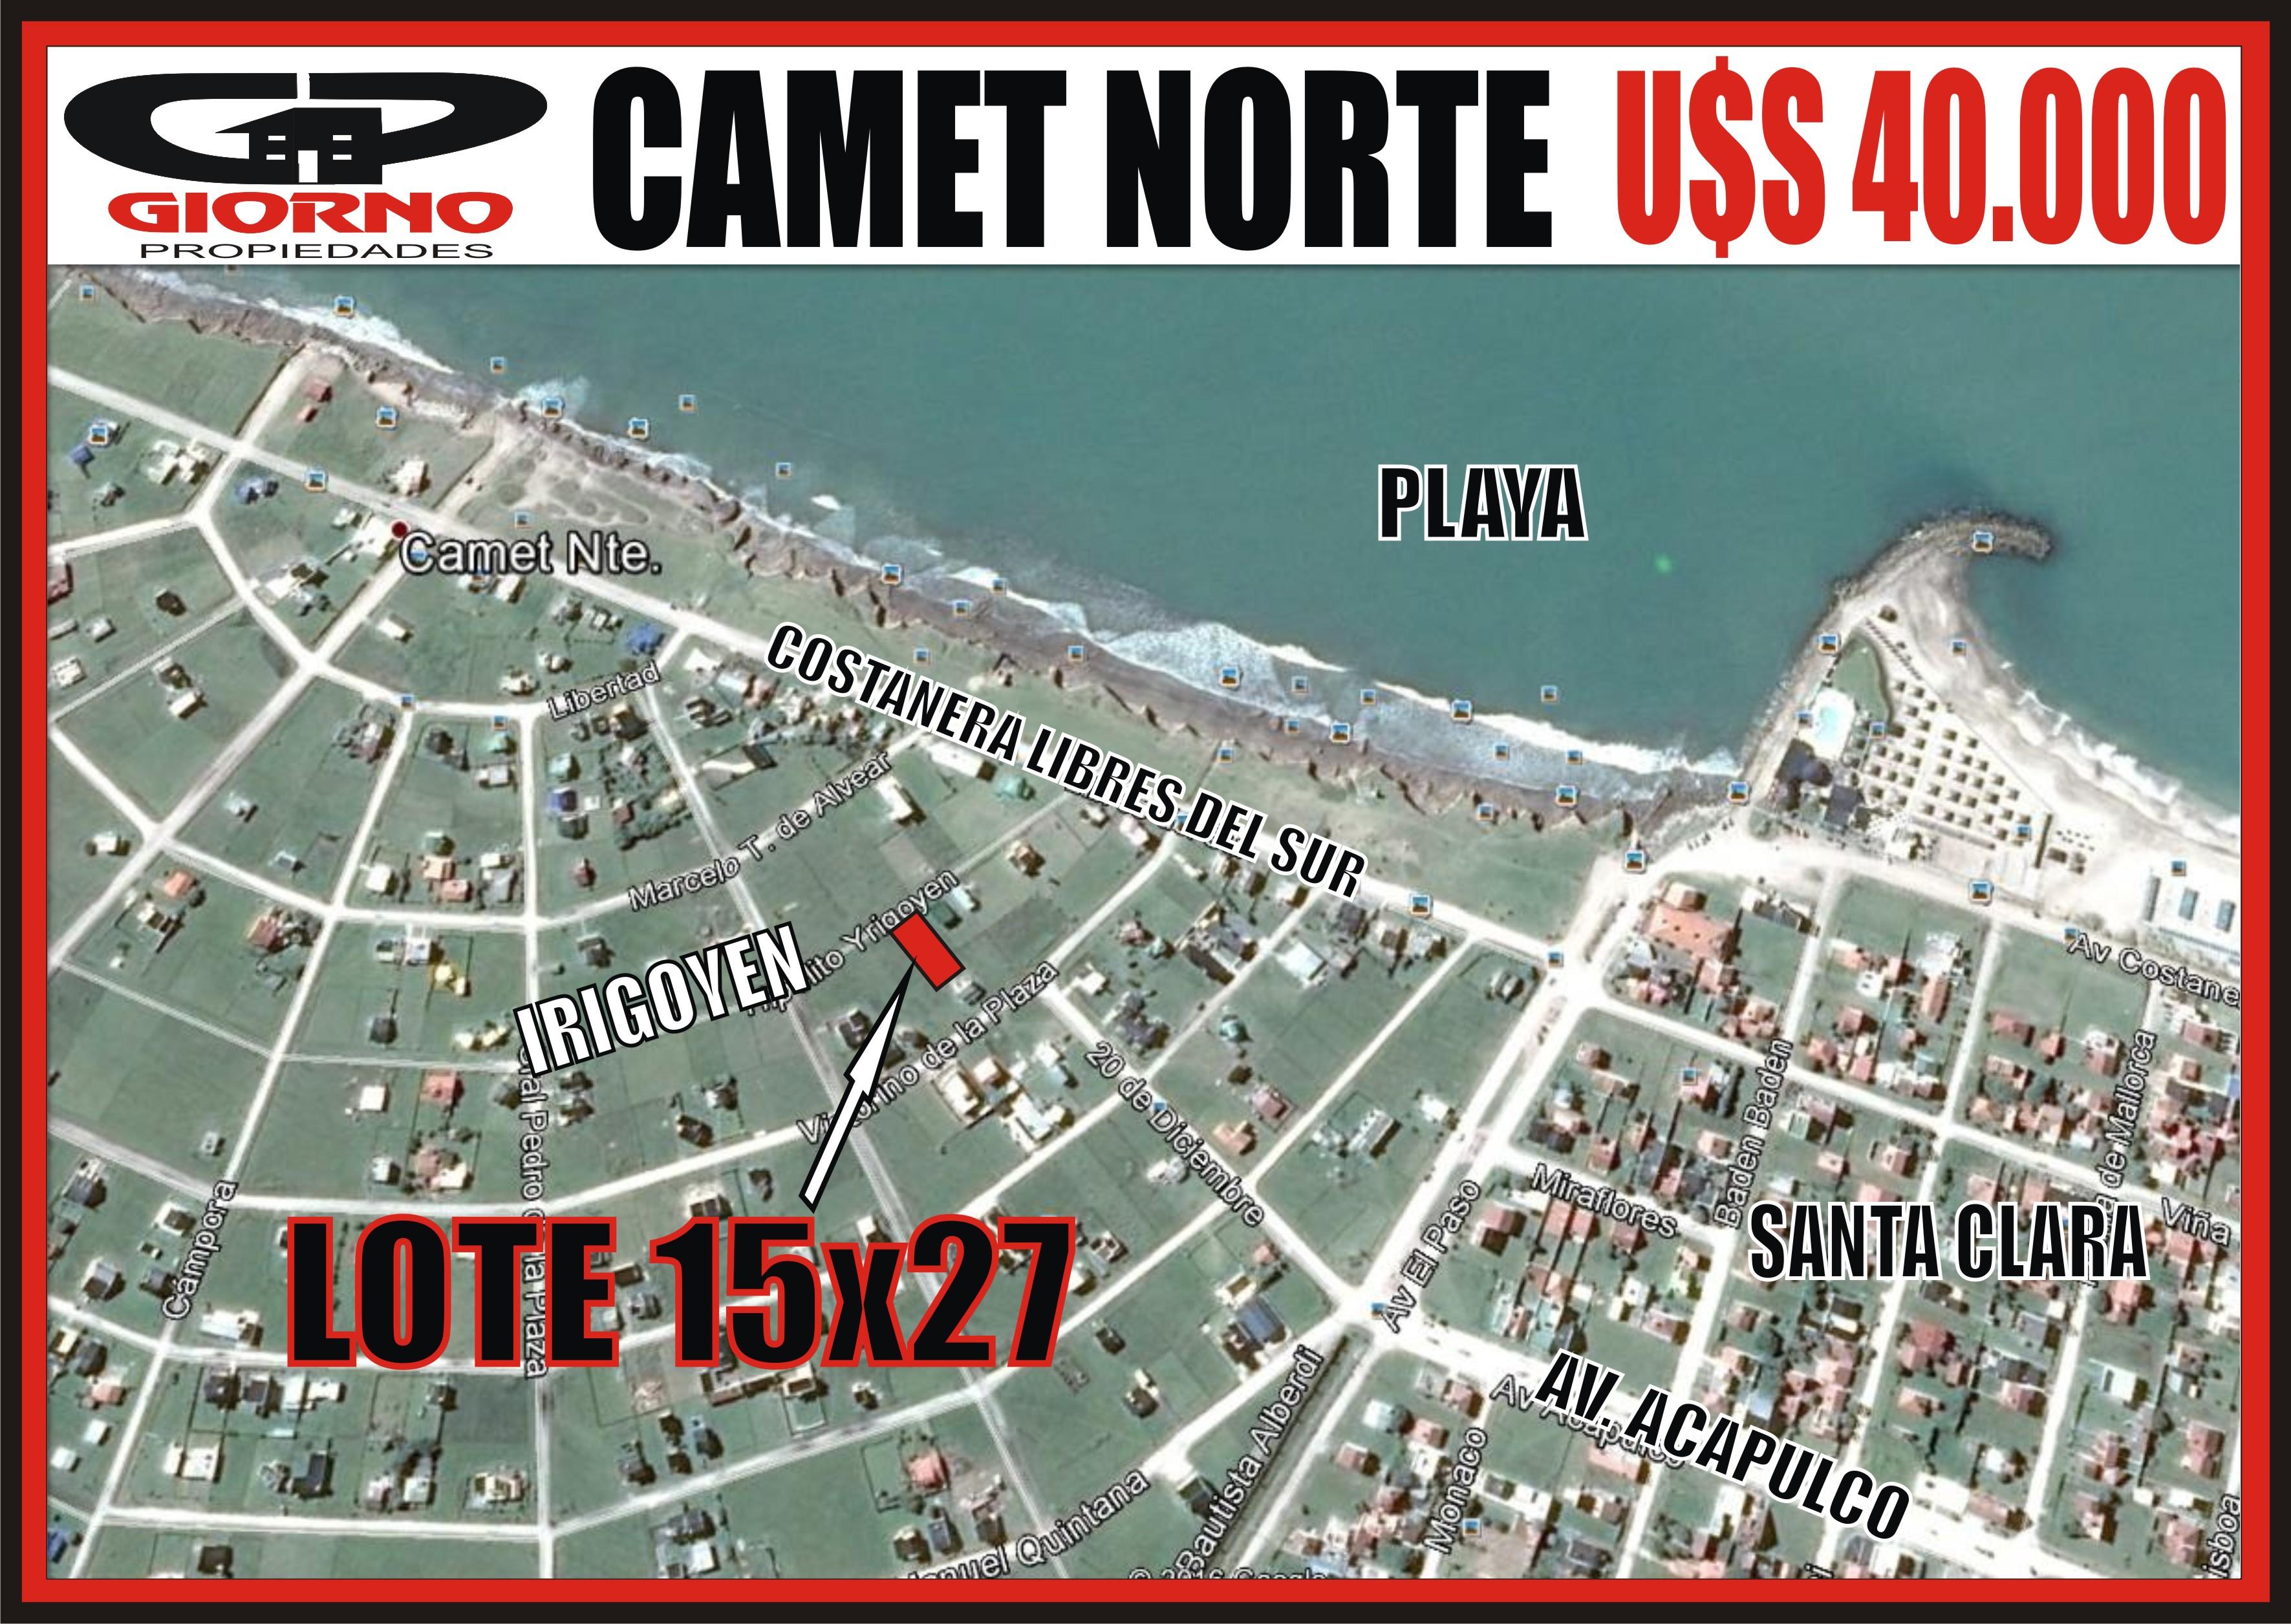 NEW CAMET NORTE IRIGOYEN E.